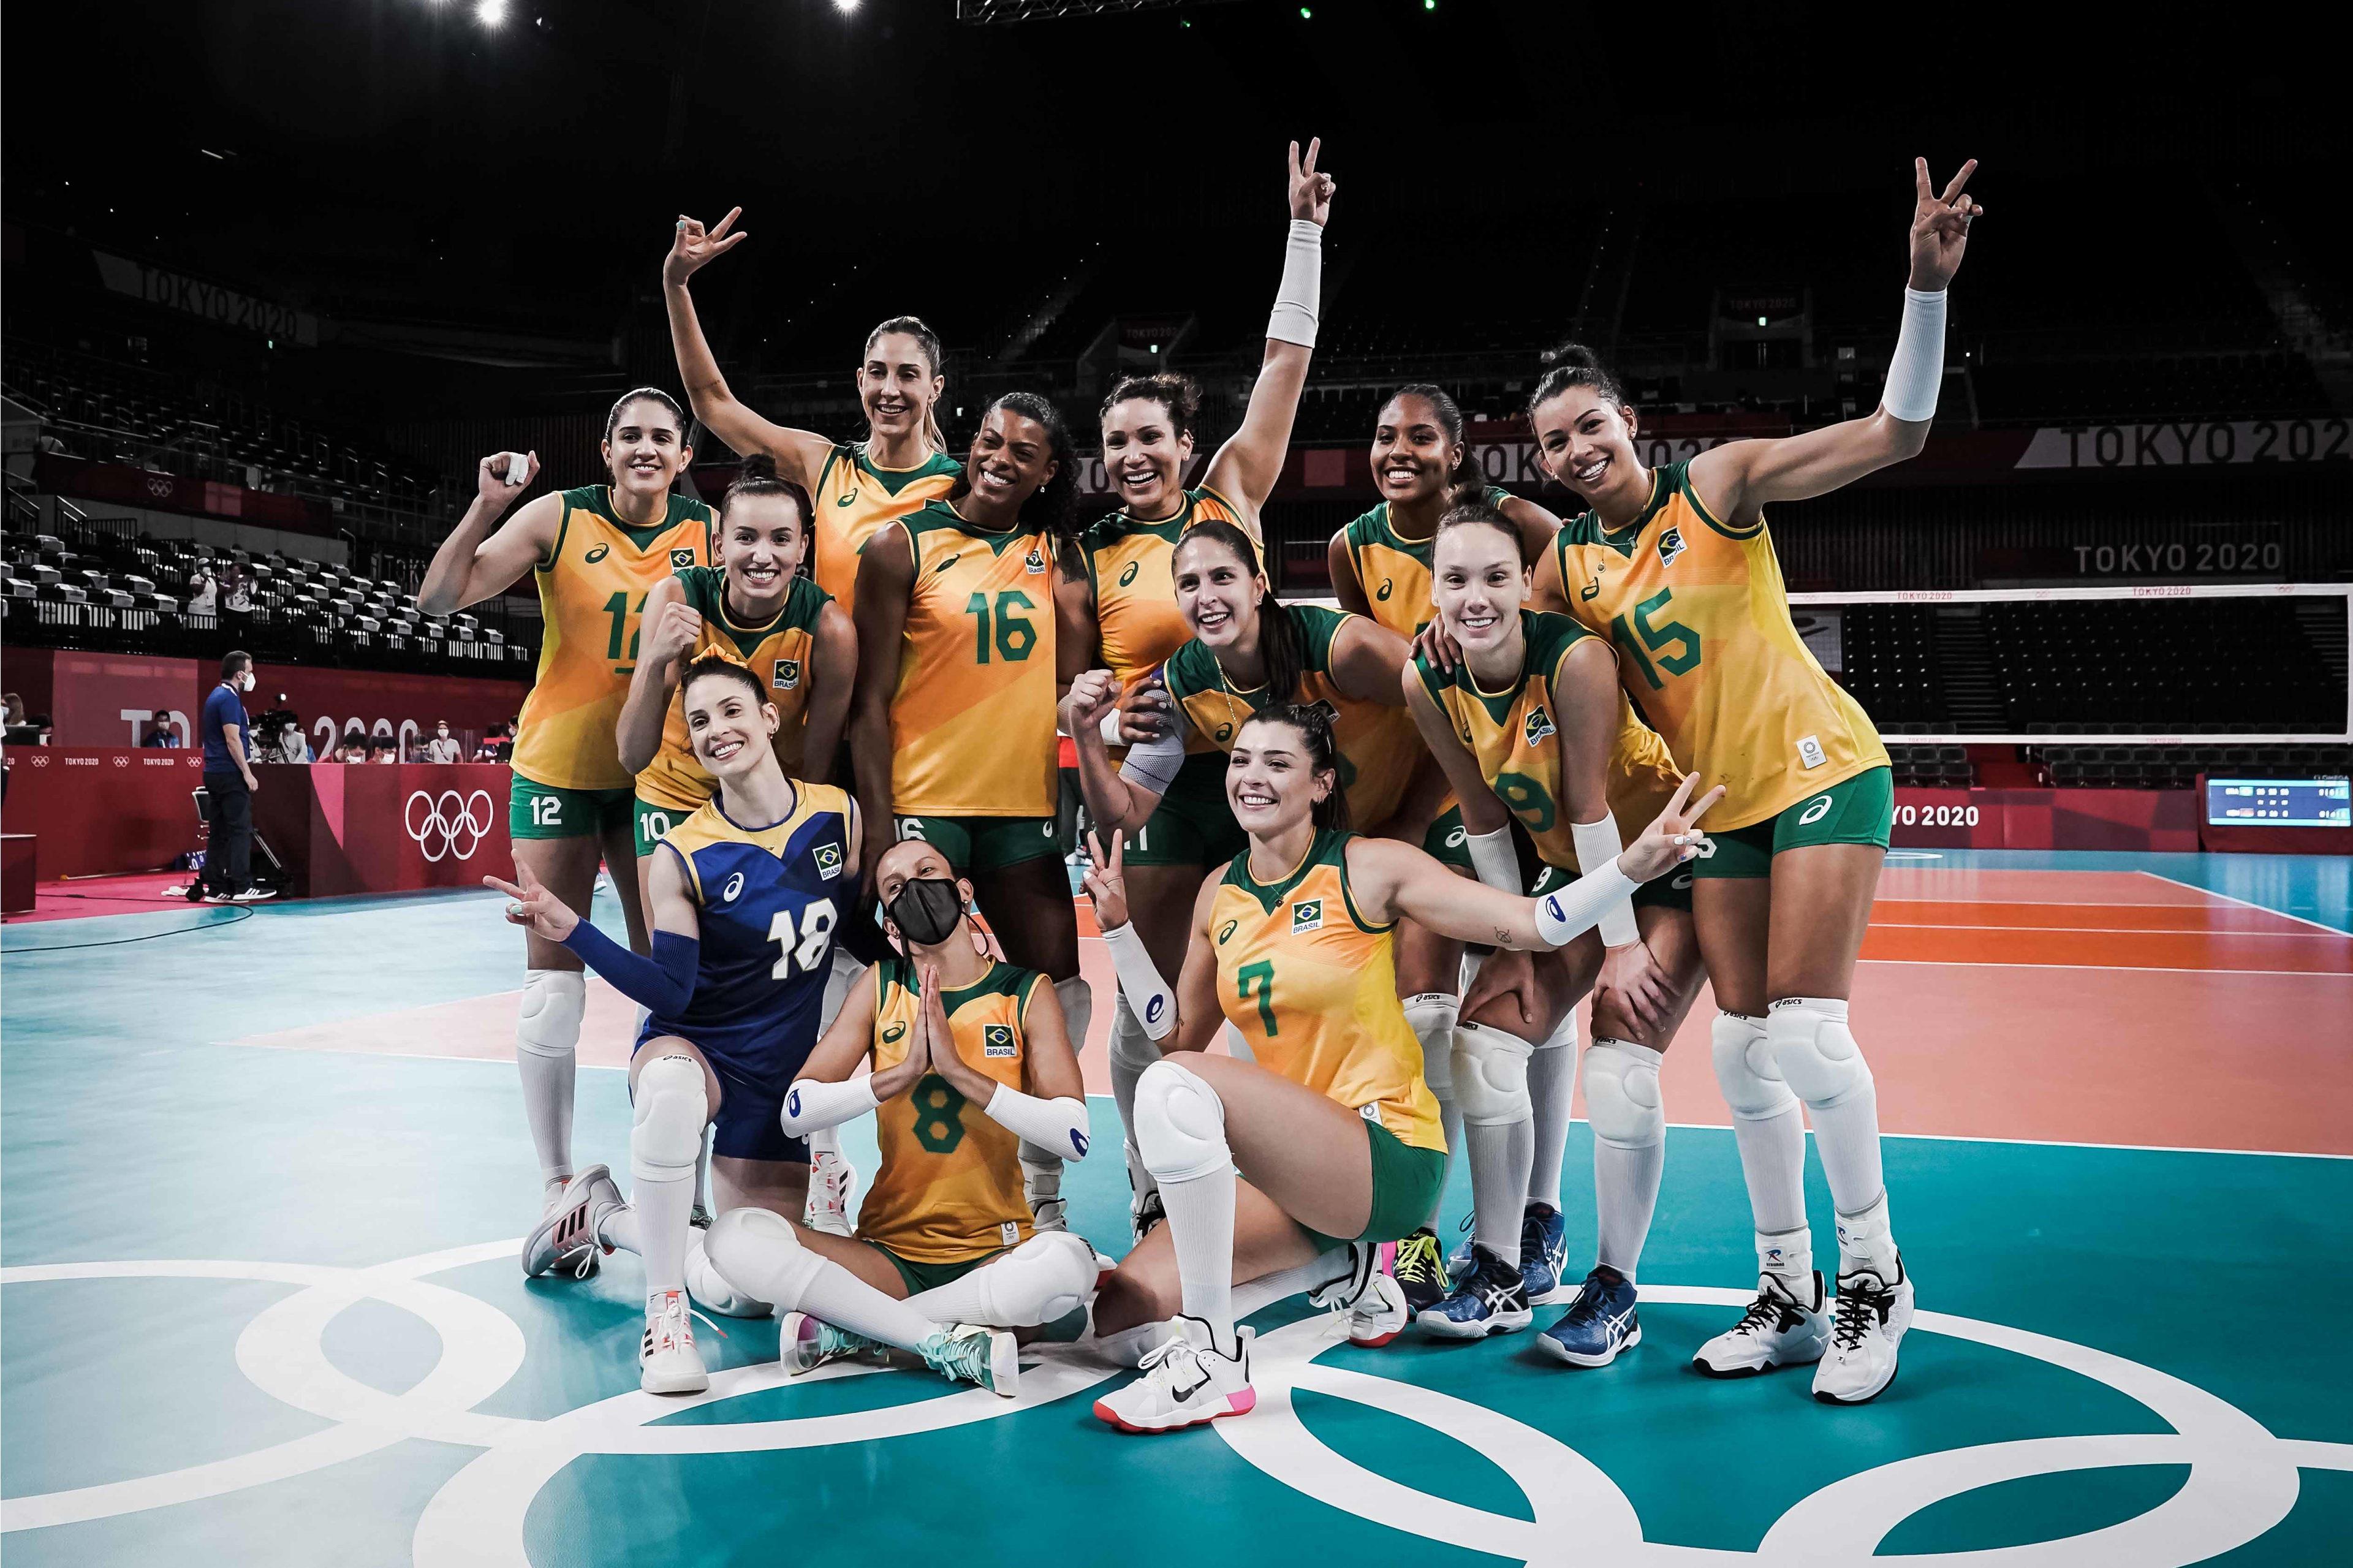 Macrís ressaltou apoio das companheiras de equipe (Foto: Divulgação/FIVB)